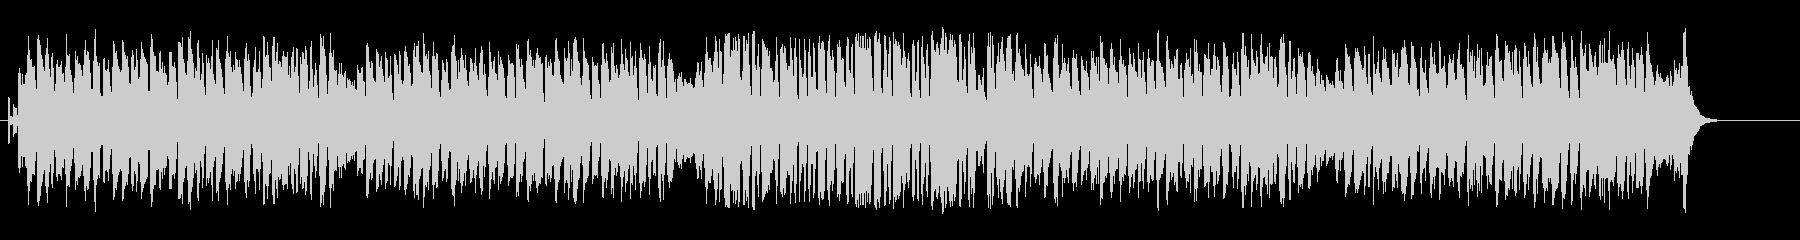 上品でウキウキのマーチ・サウンドの未再生の波形